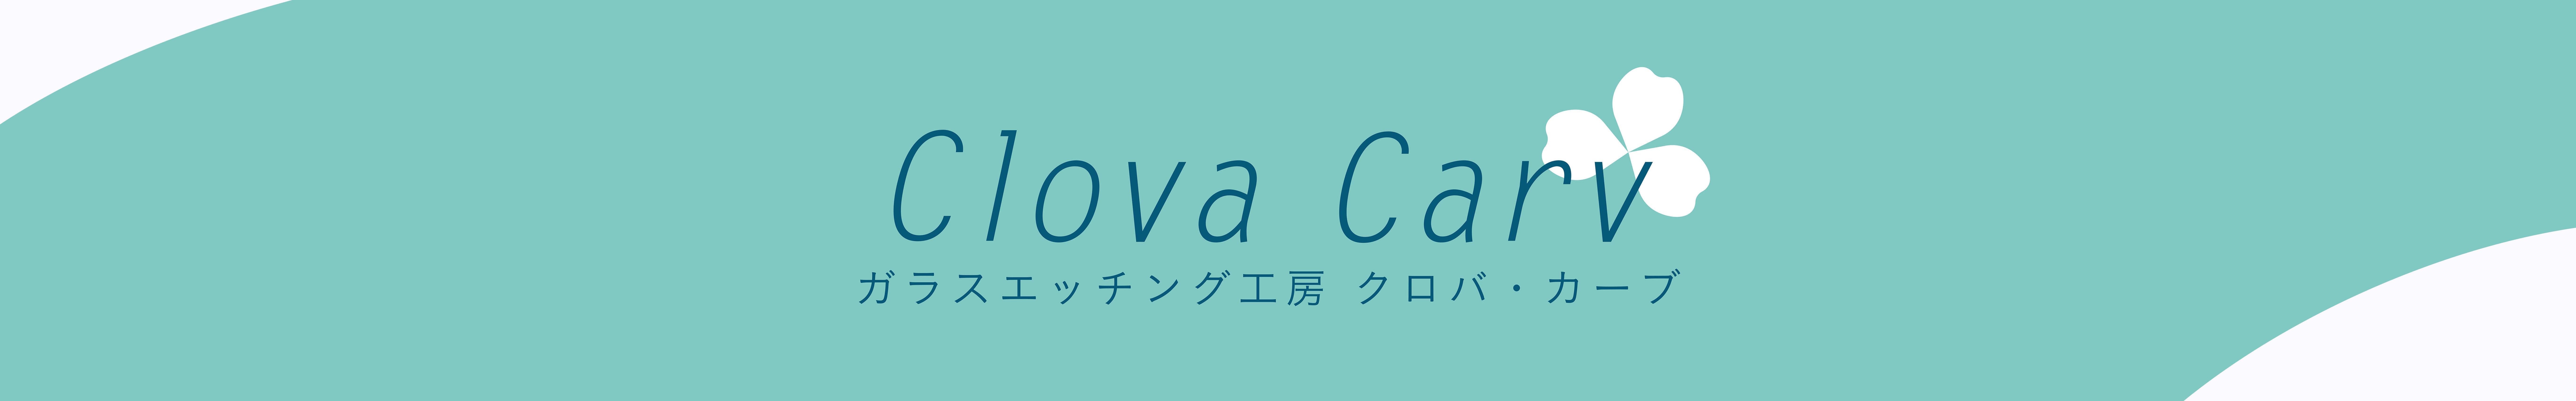 ガラスエッチング工房 Clova Carv (クロバ・カーブ)